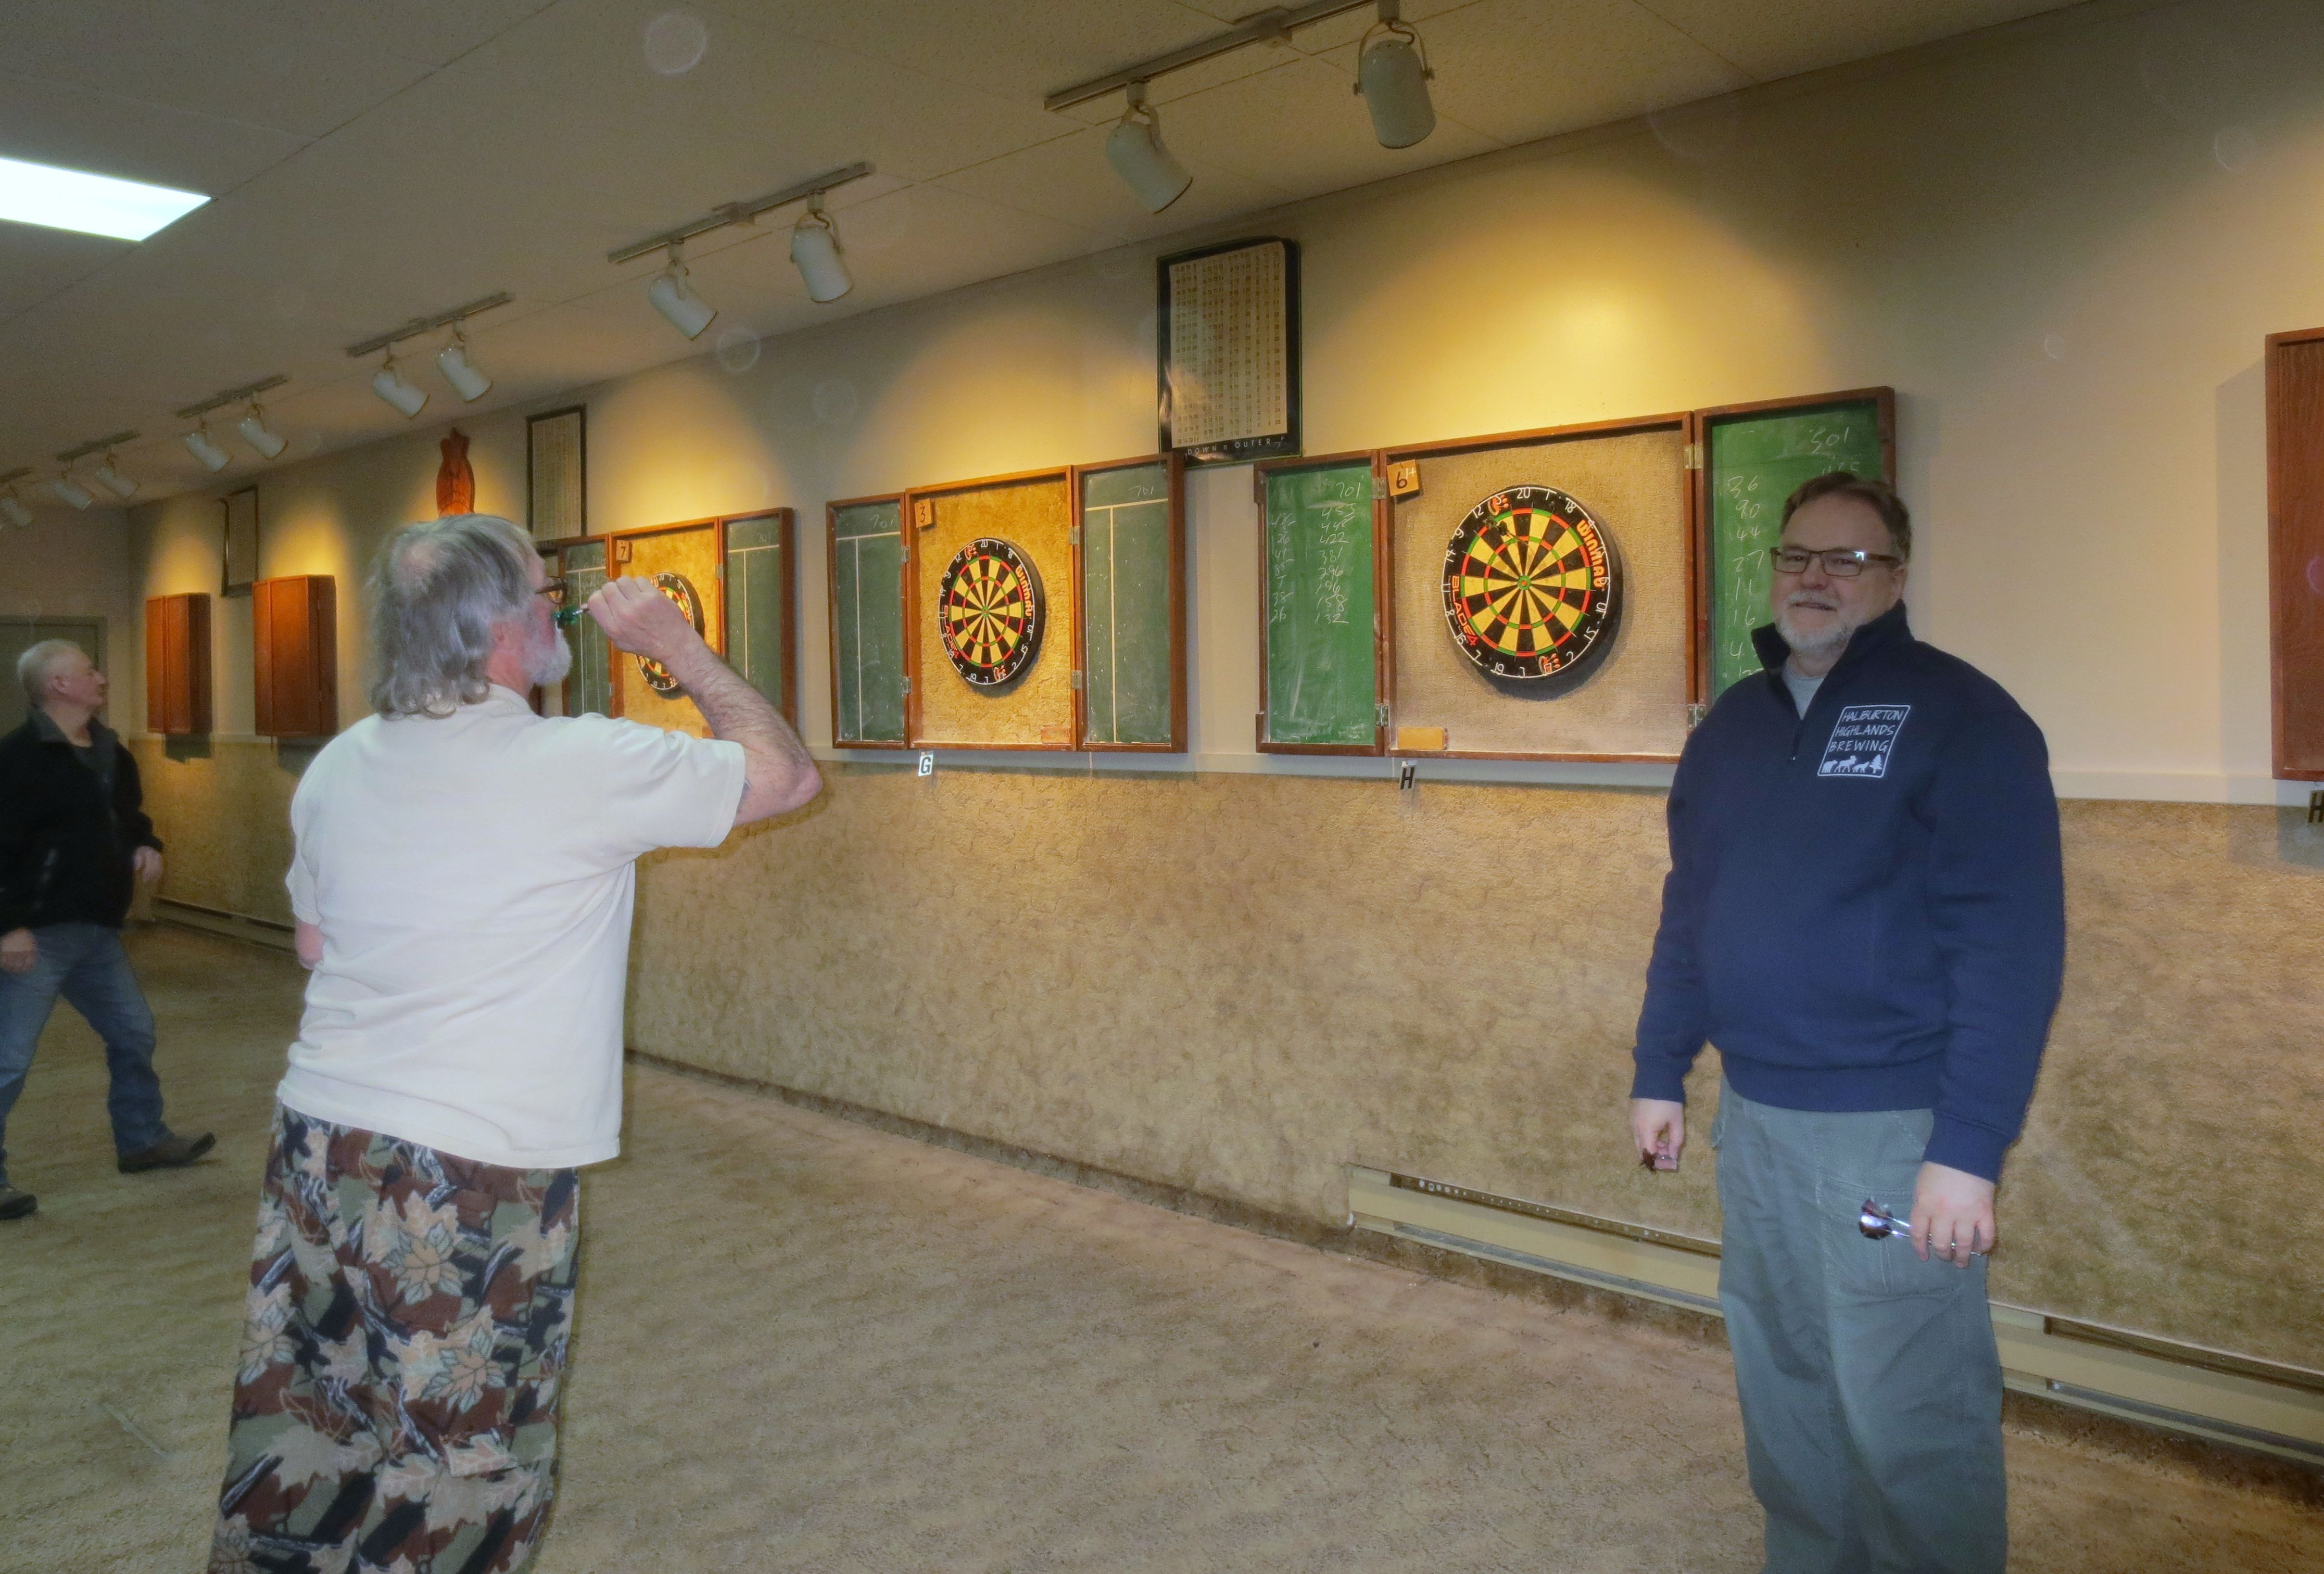 Members playing darts at the Fun Friday Dart Night